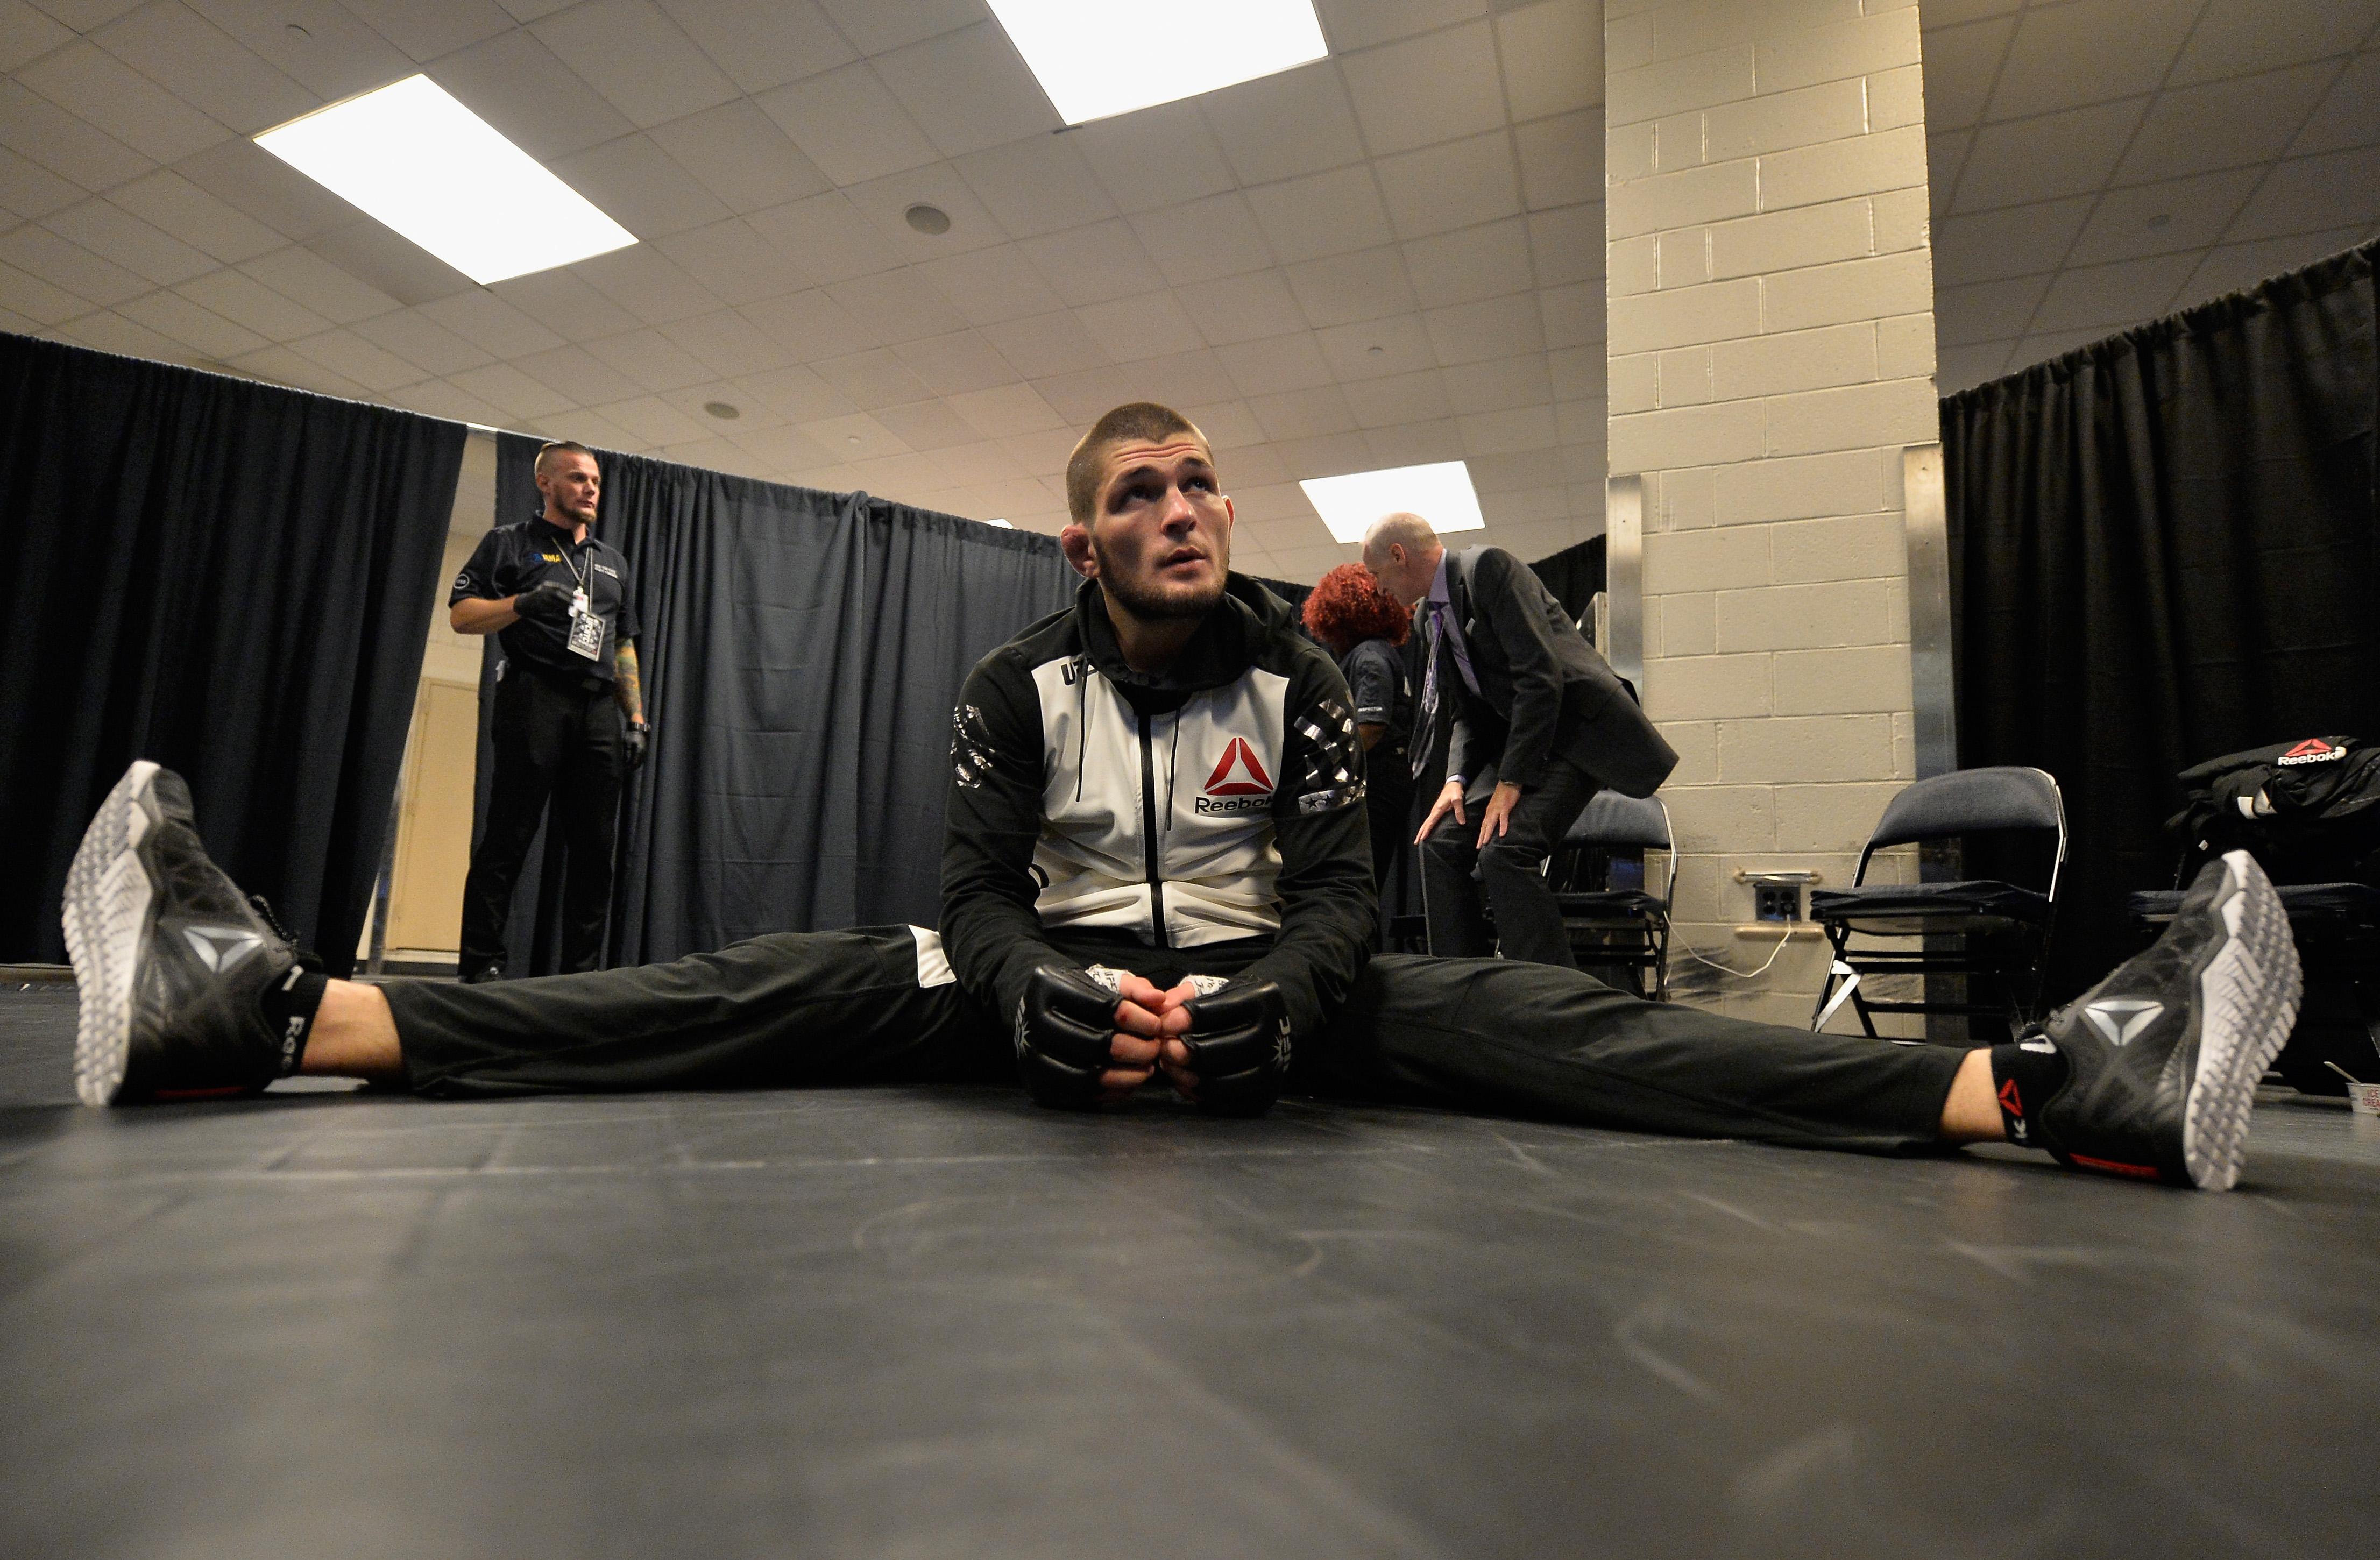 UFC fighter Khabib Nurmagomedov